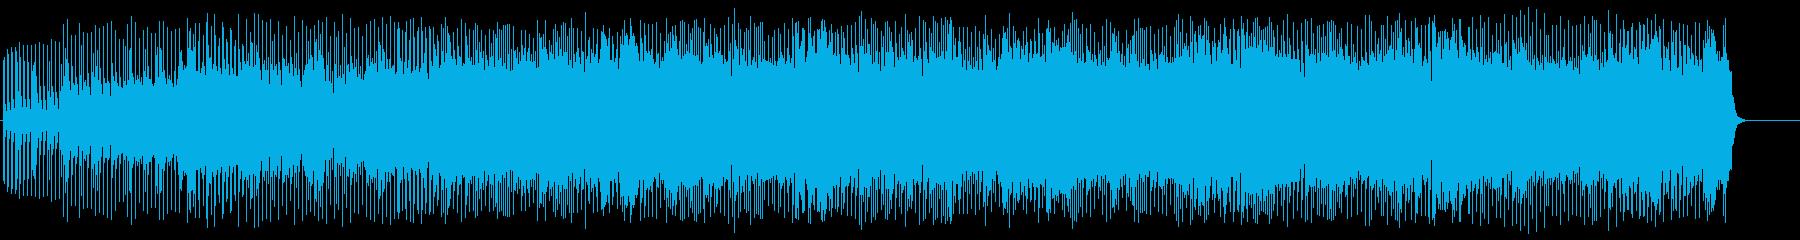 オープニング向けハードロックの再生済みの波形